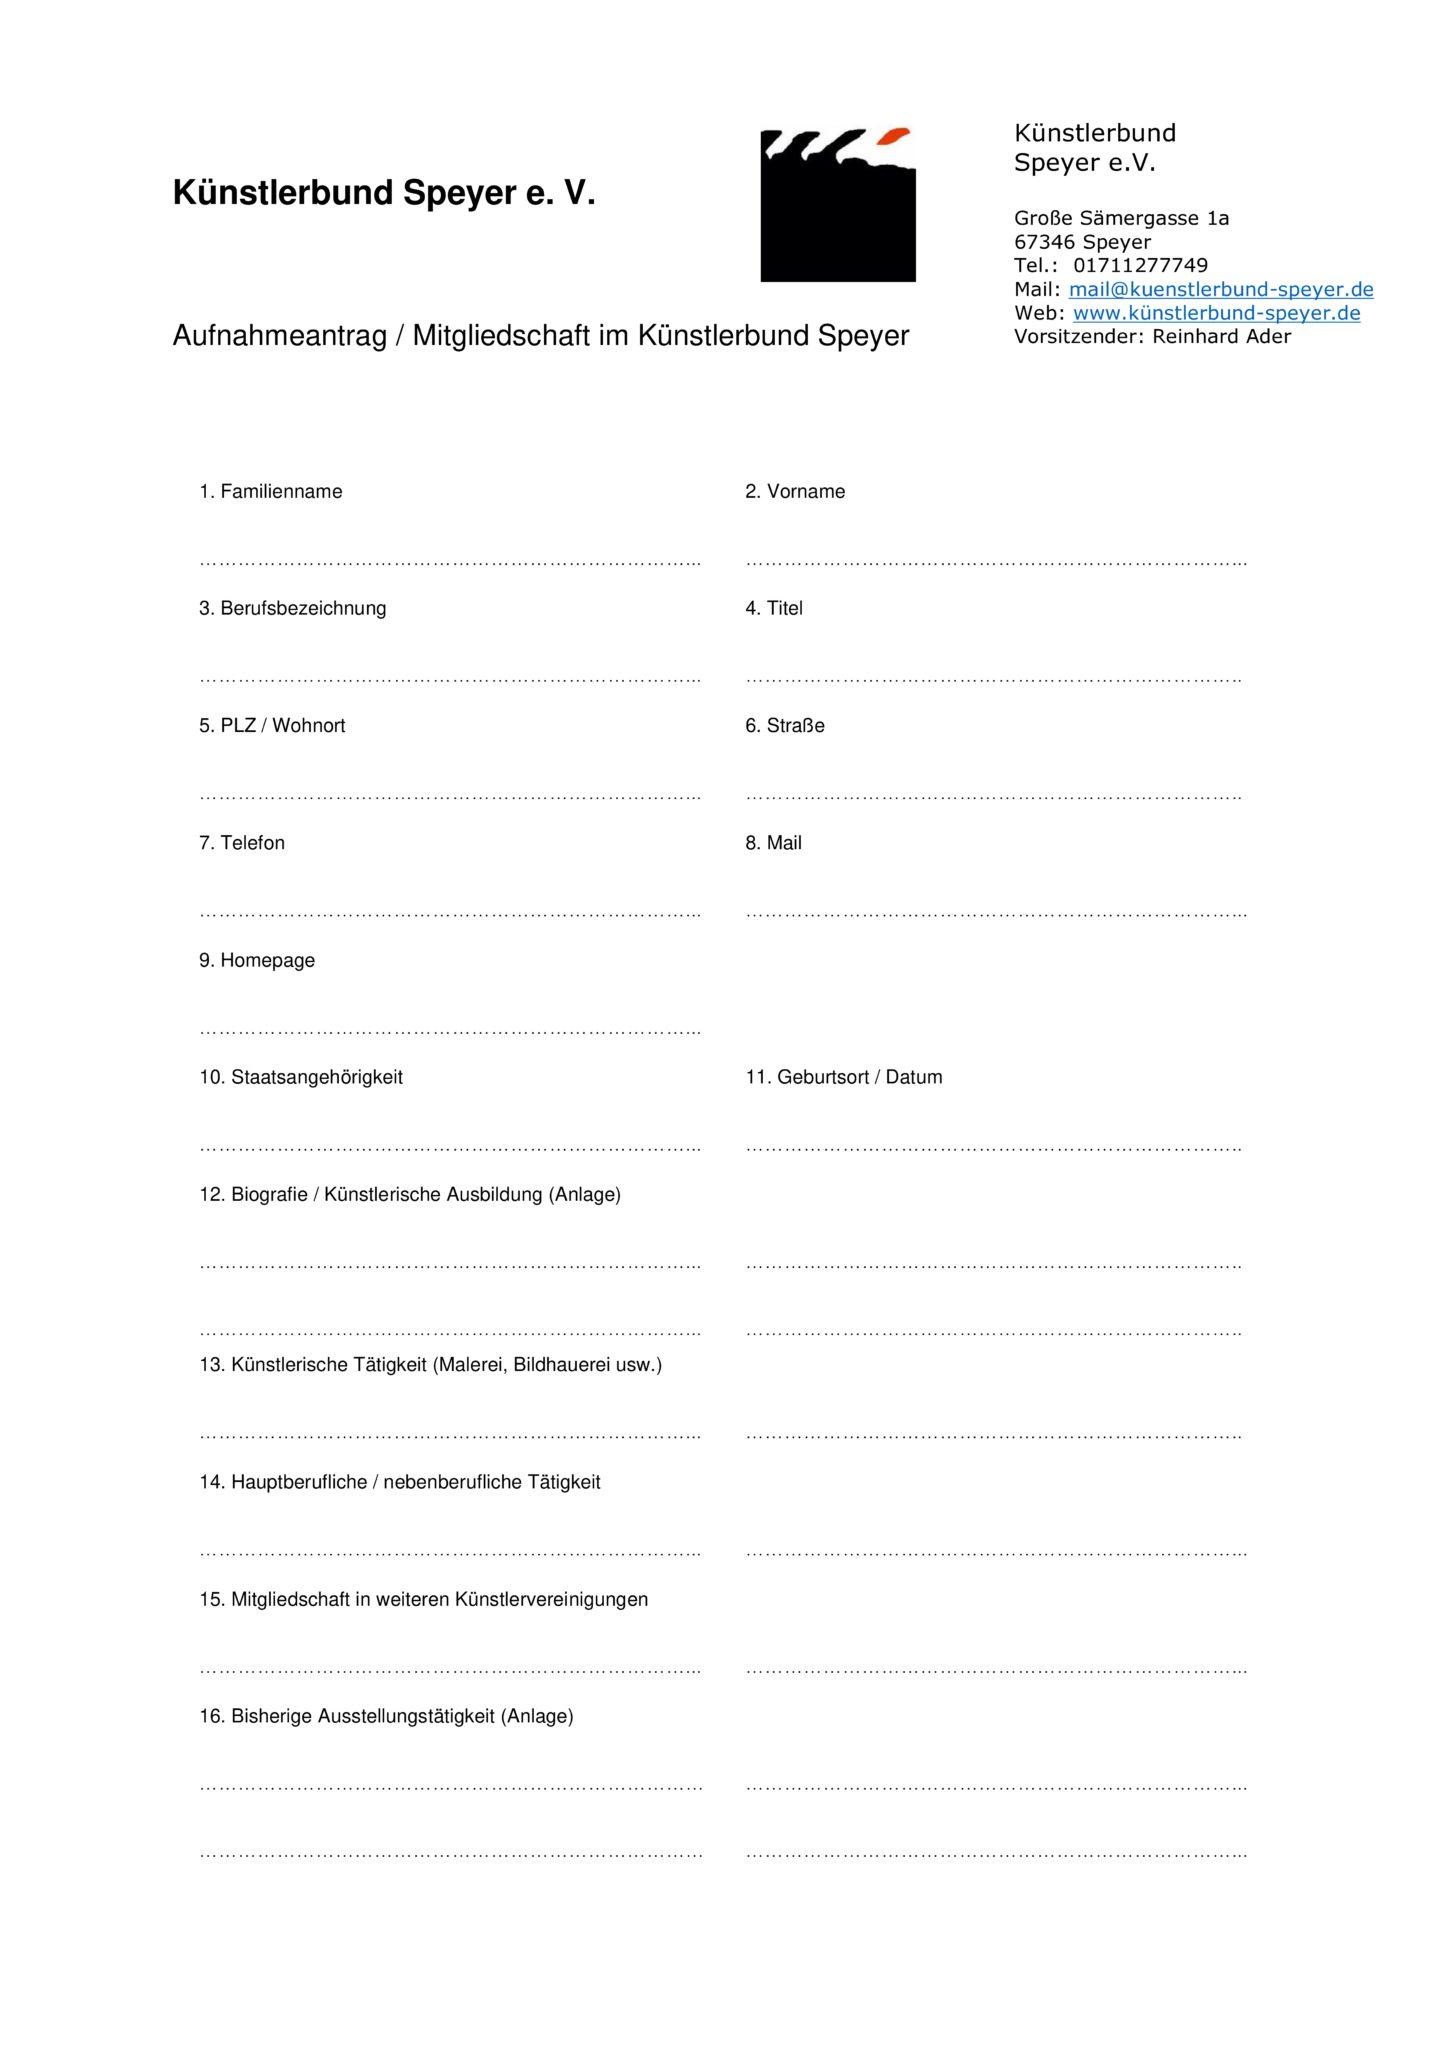 Künstlerbund Speyer Aufnahmeantrag_Seite01